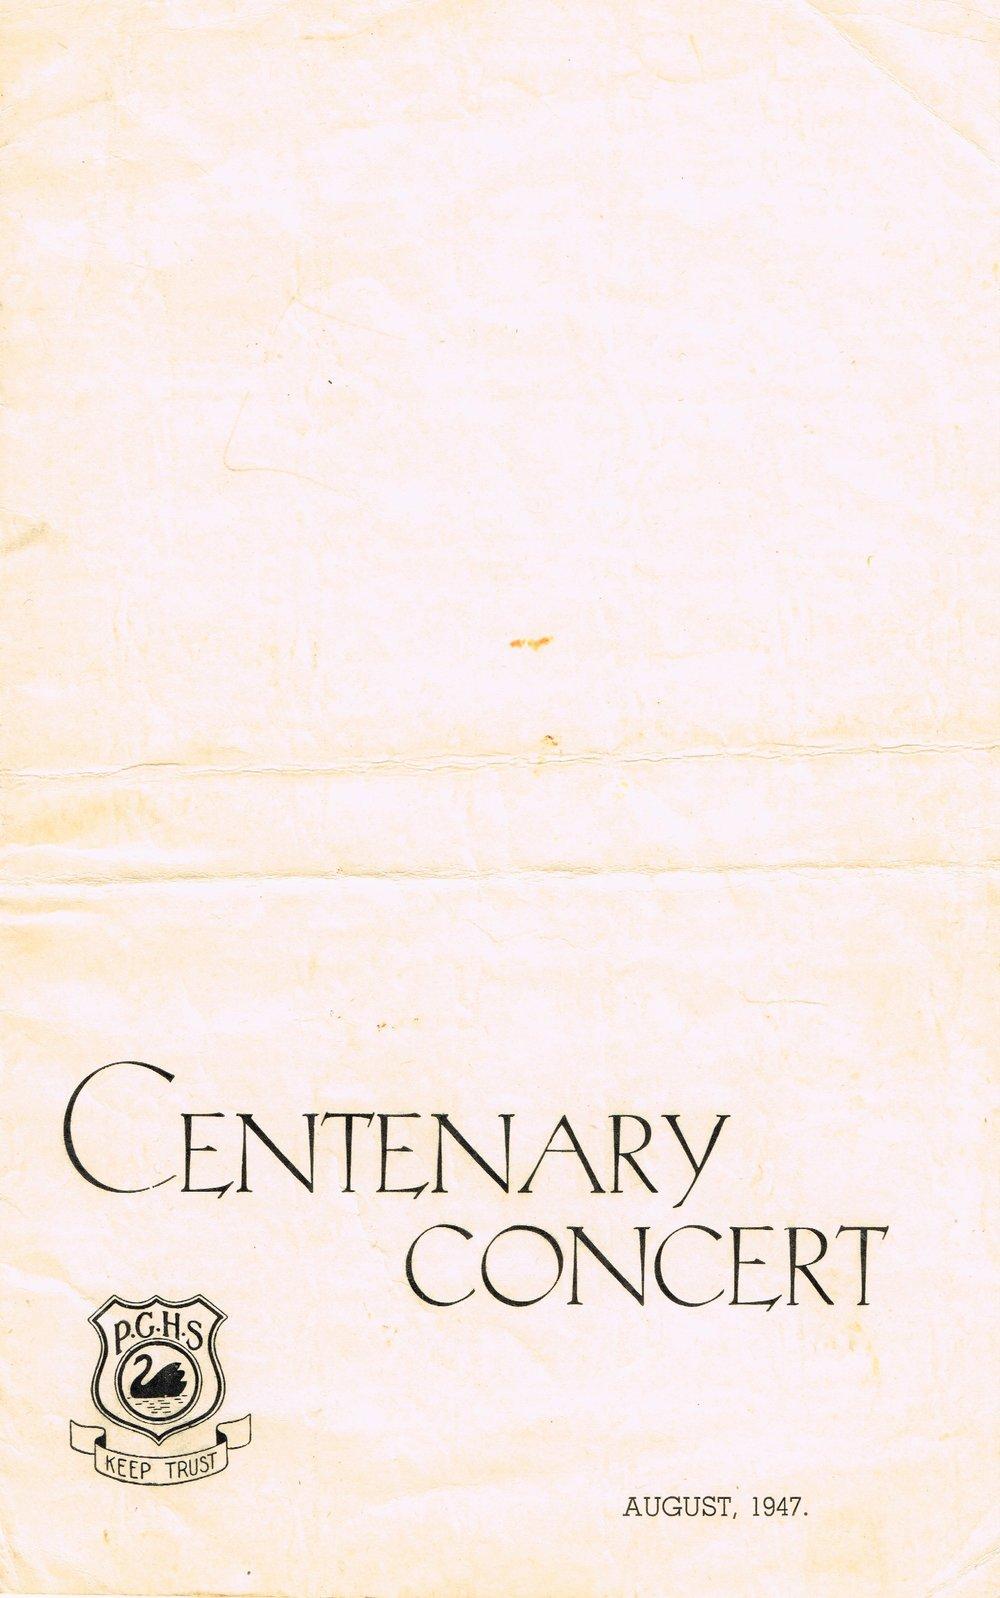 Centenary-Concert-August-1947